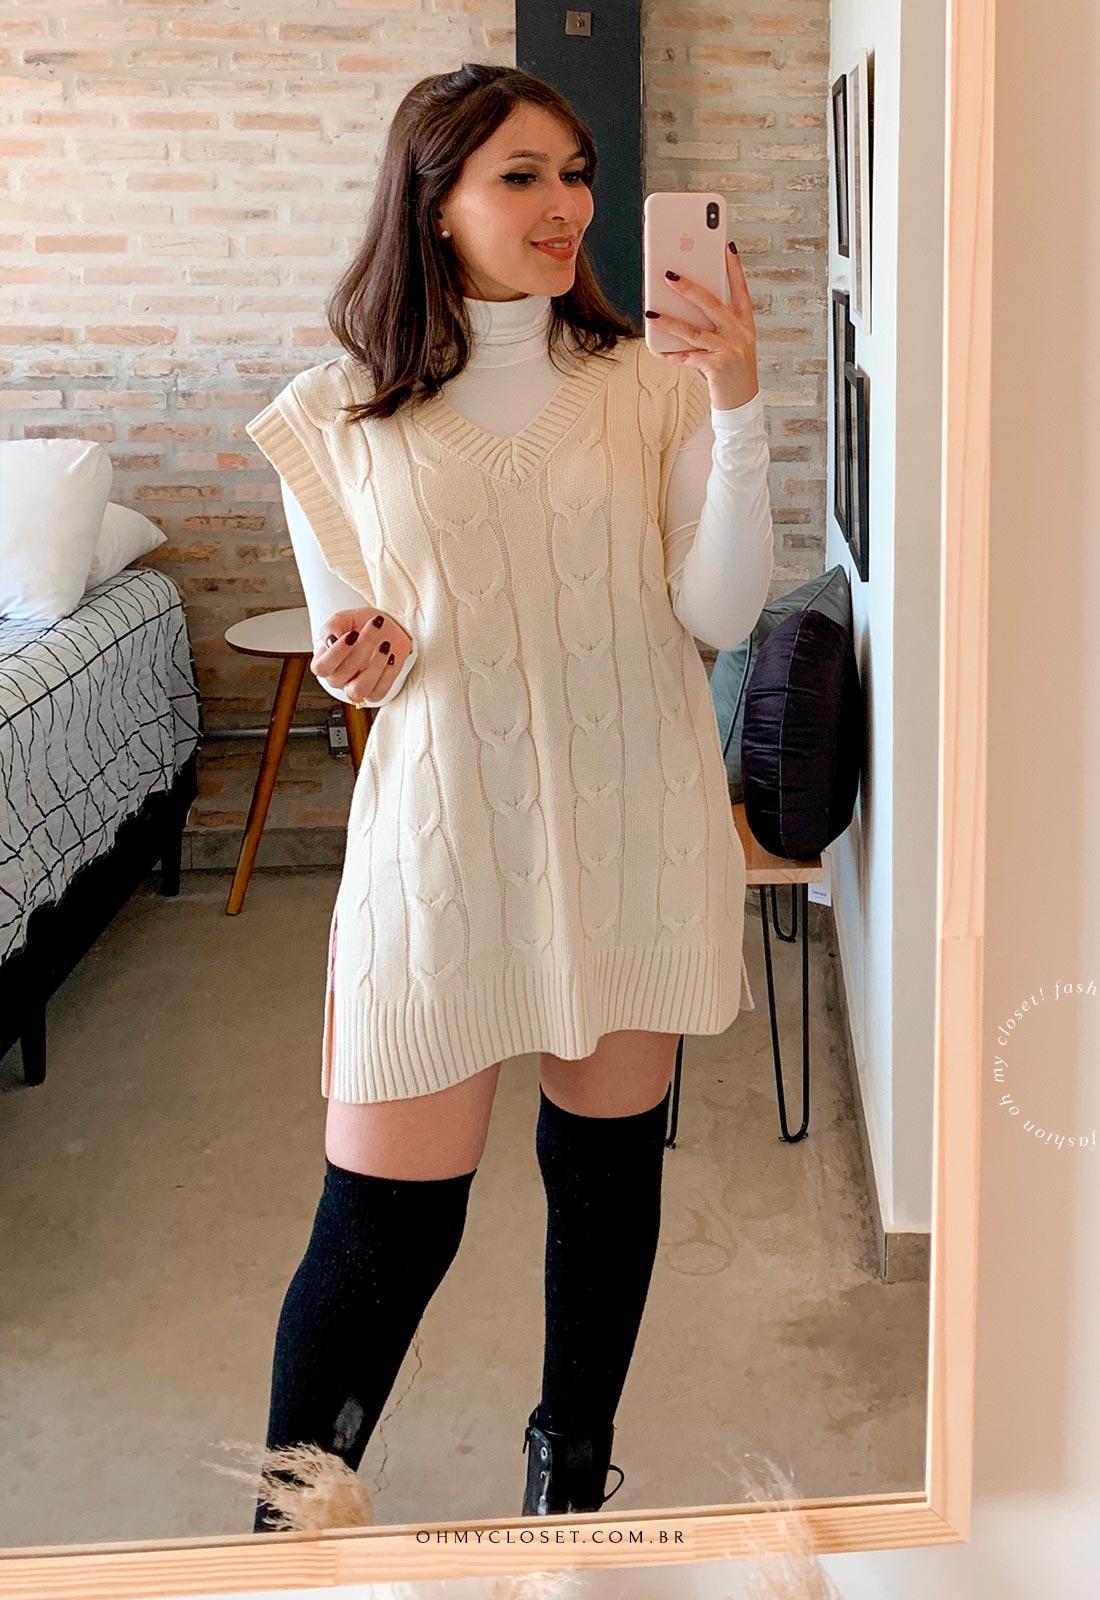 Look maxi colete de tricot tendência inverno